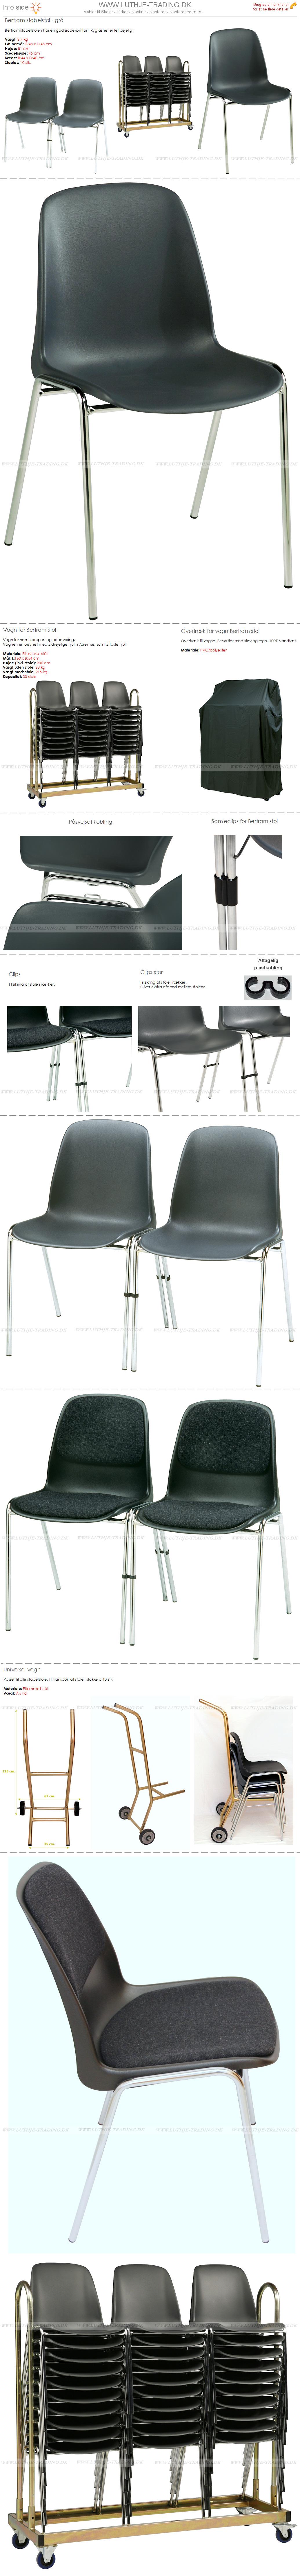 Stabelstole Bertram med krom stel og koksgrå plastskal